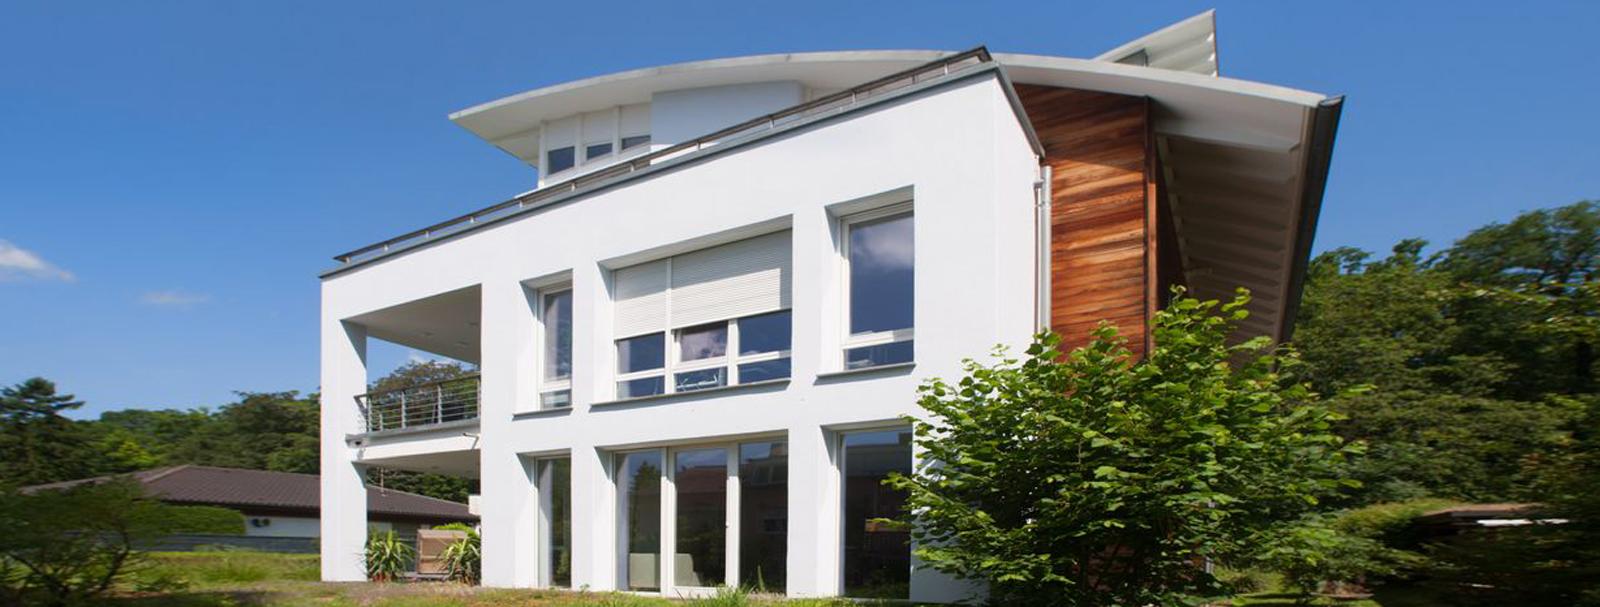 Referenz-Projekte für seriösen und zeitlosen Wohnbau